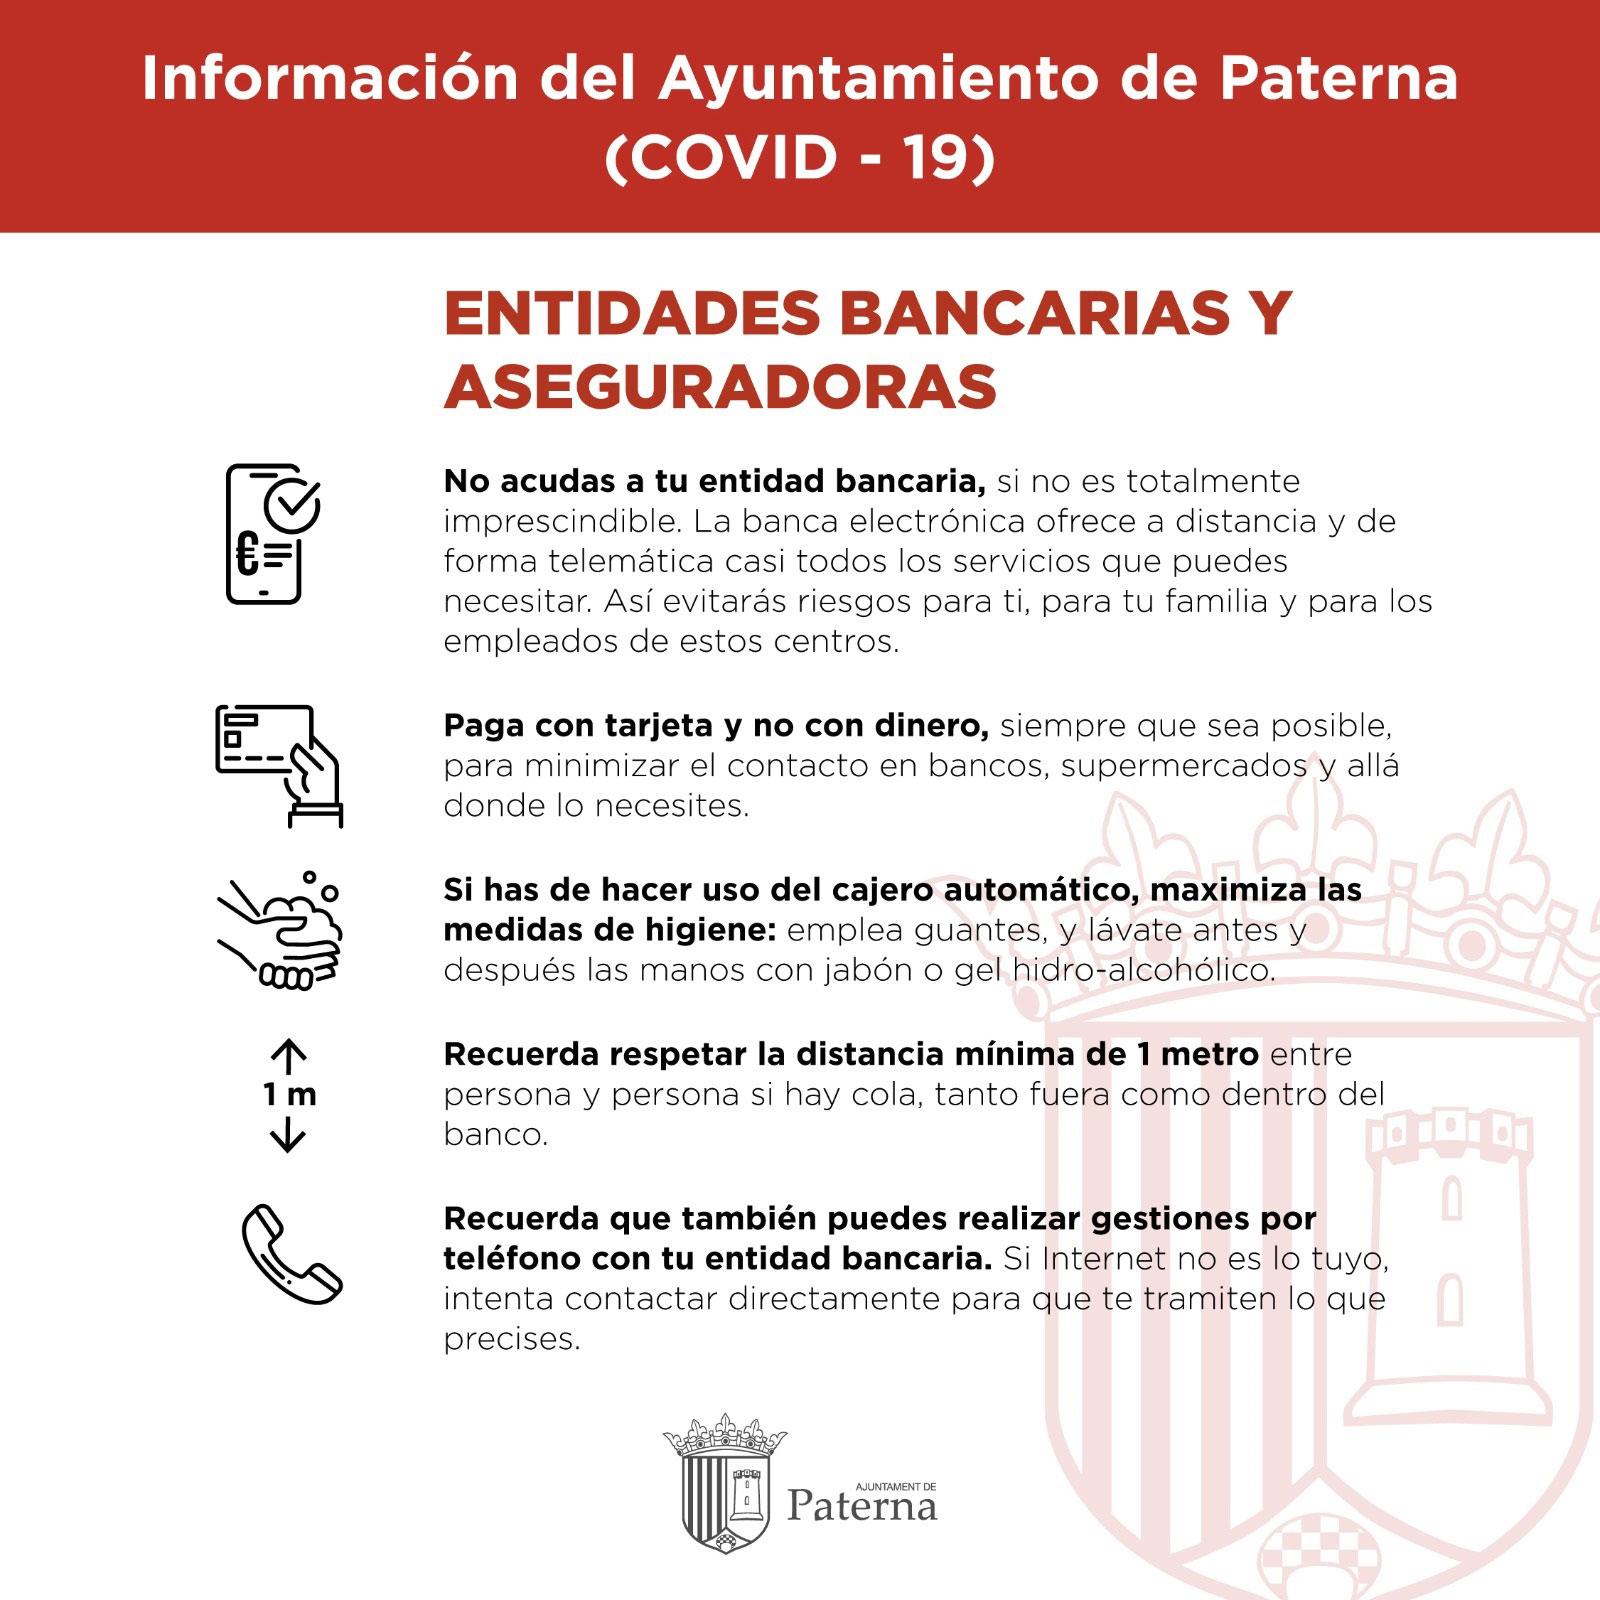 Información del Ayuntamiento de Paterna - Entidades Bancarias y Aseguradoras